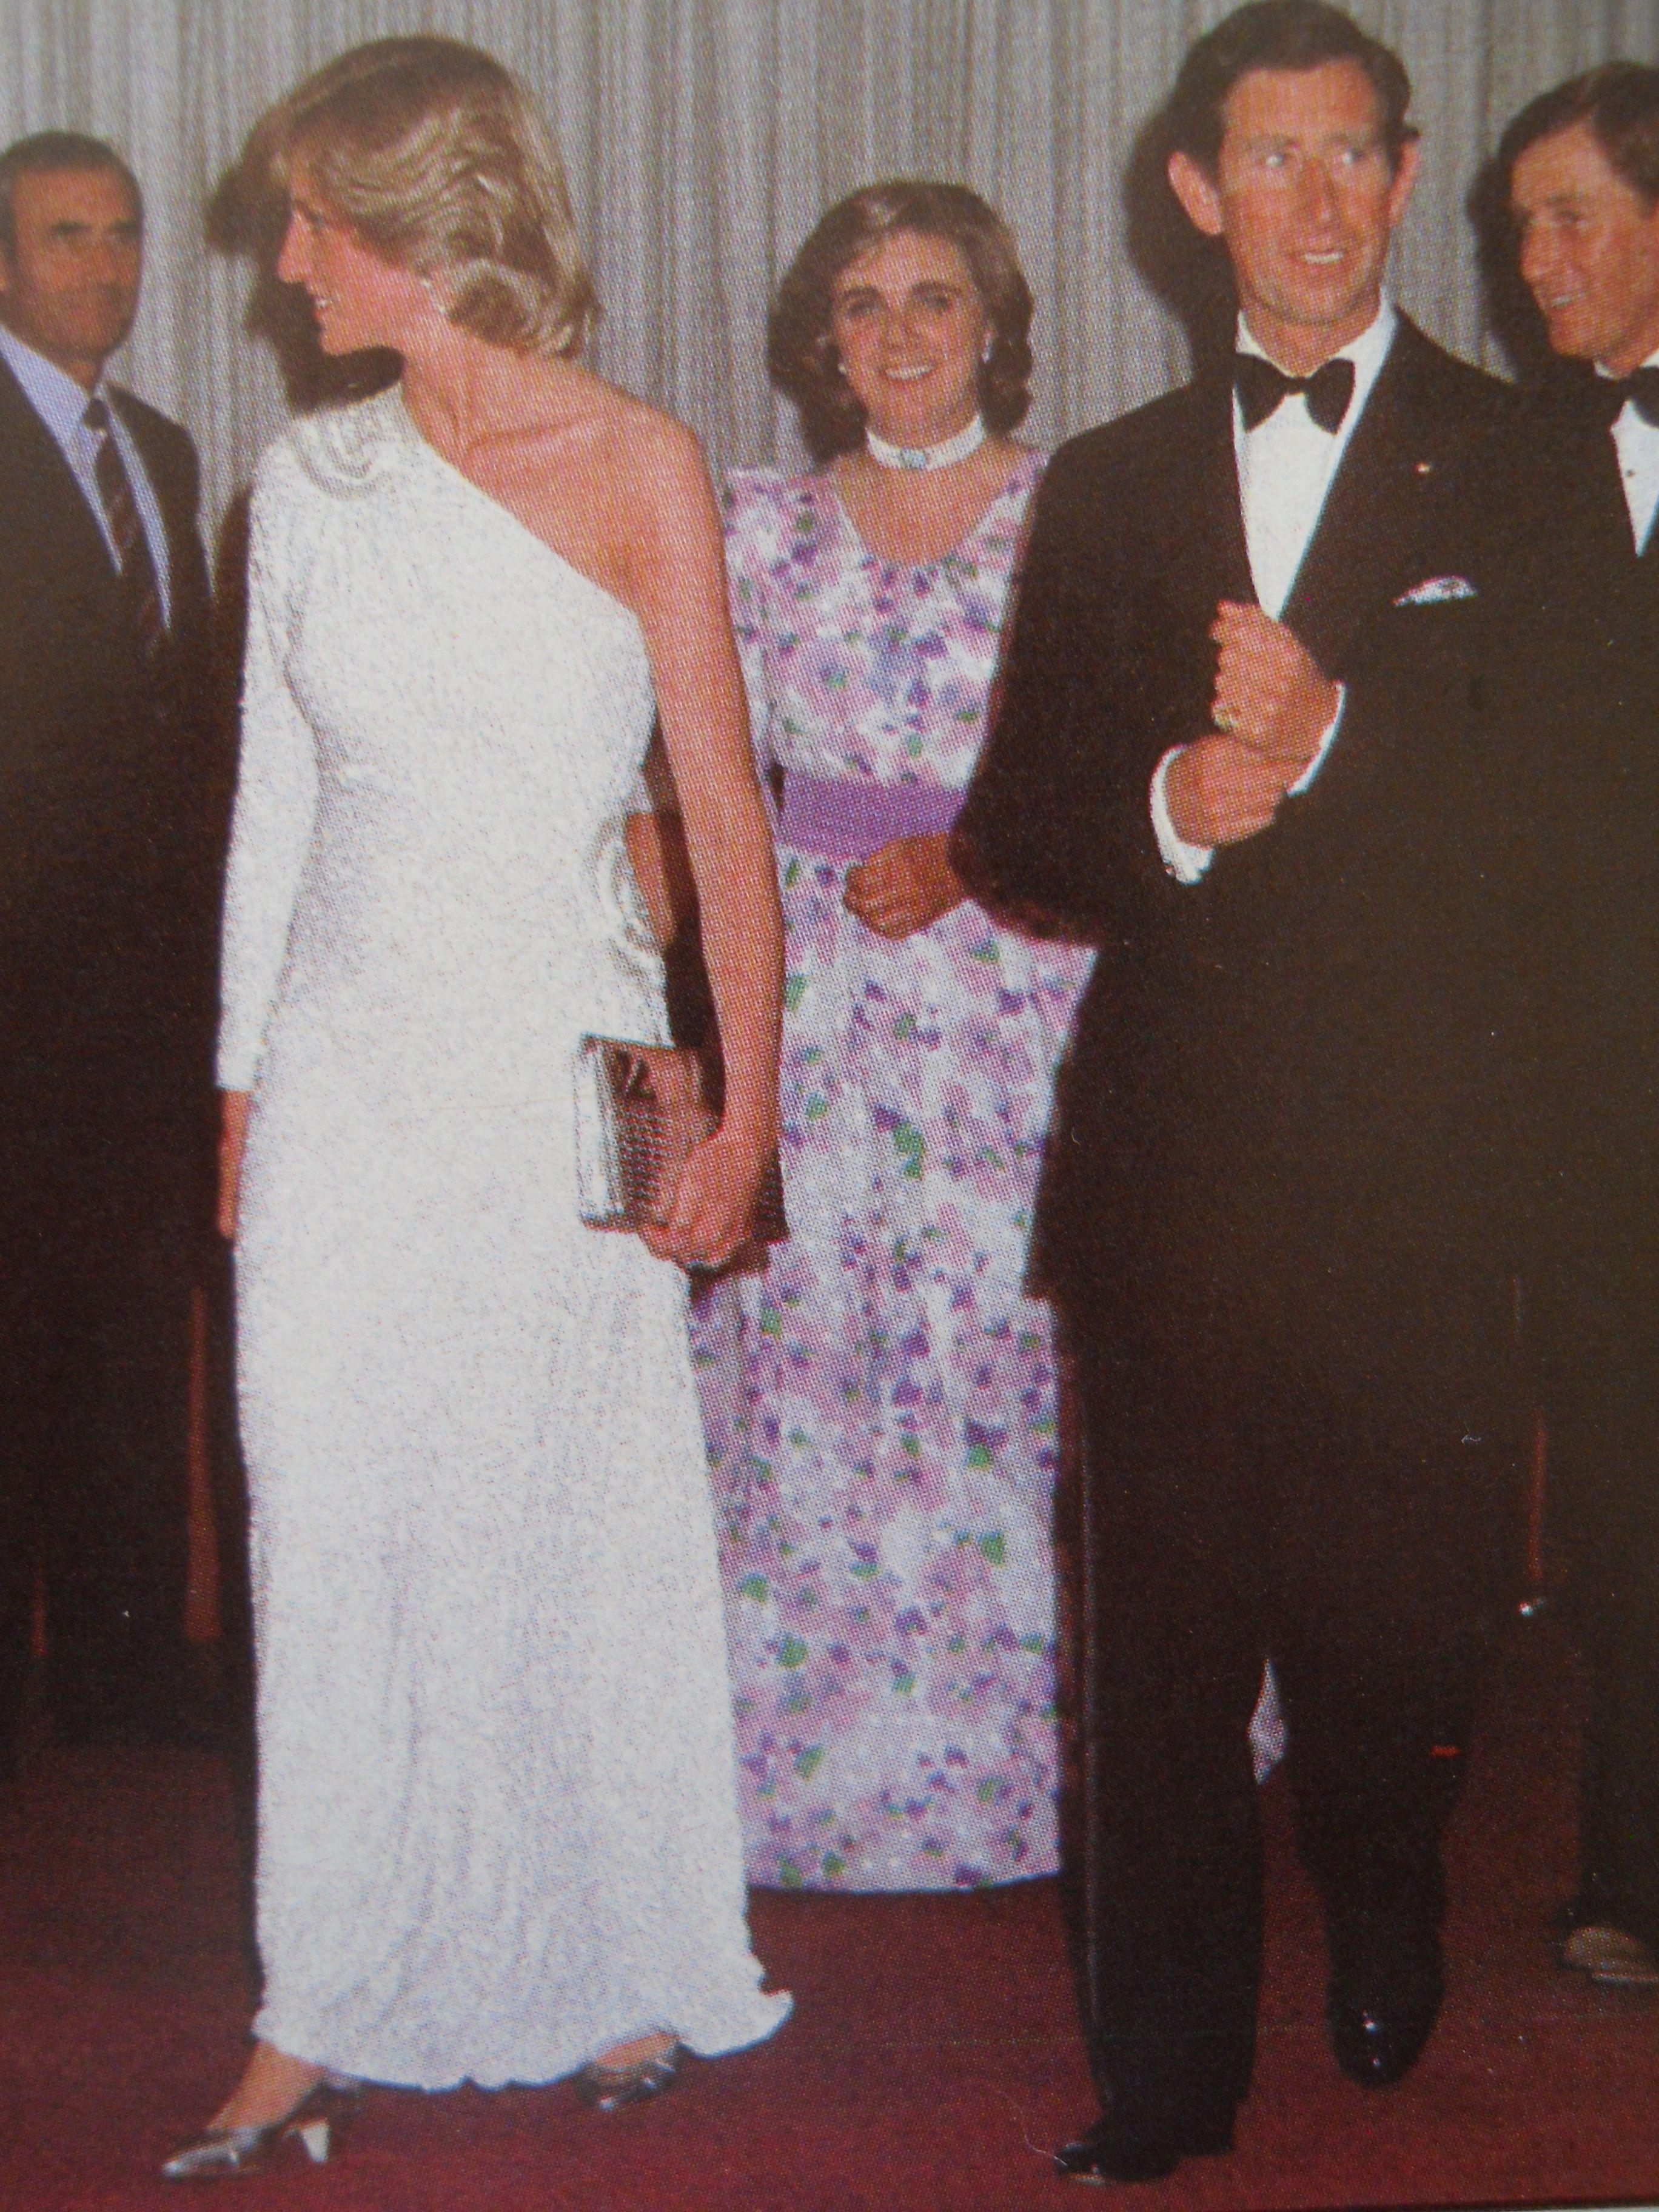 April 16, 1983: Prince Charles & Princess Diana at a Dinner & Ball at…